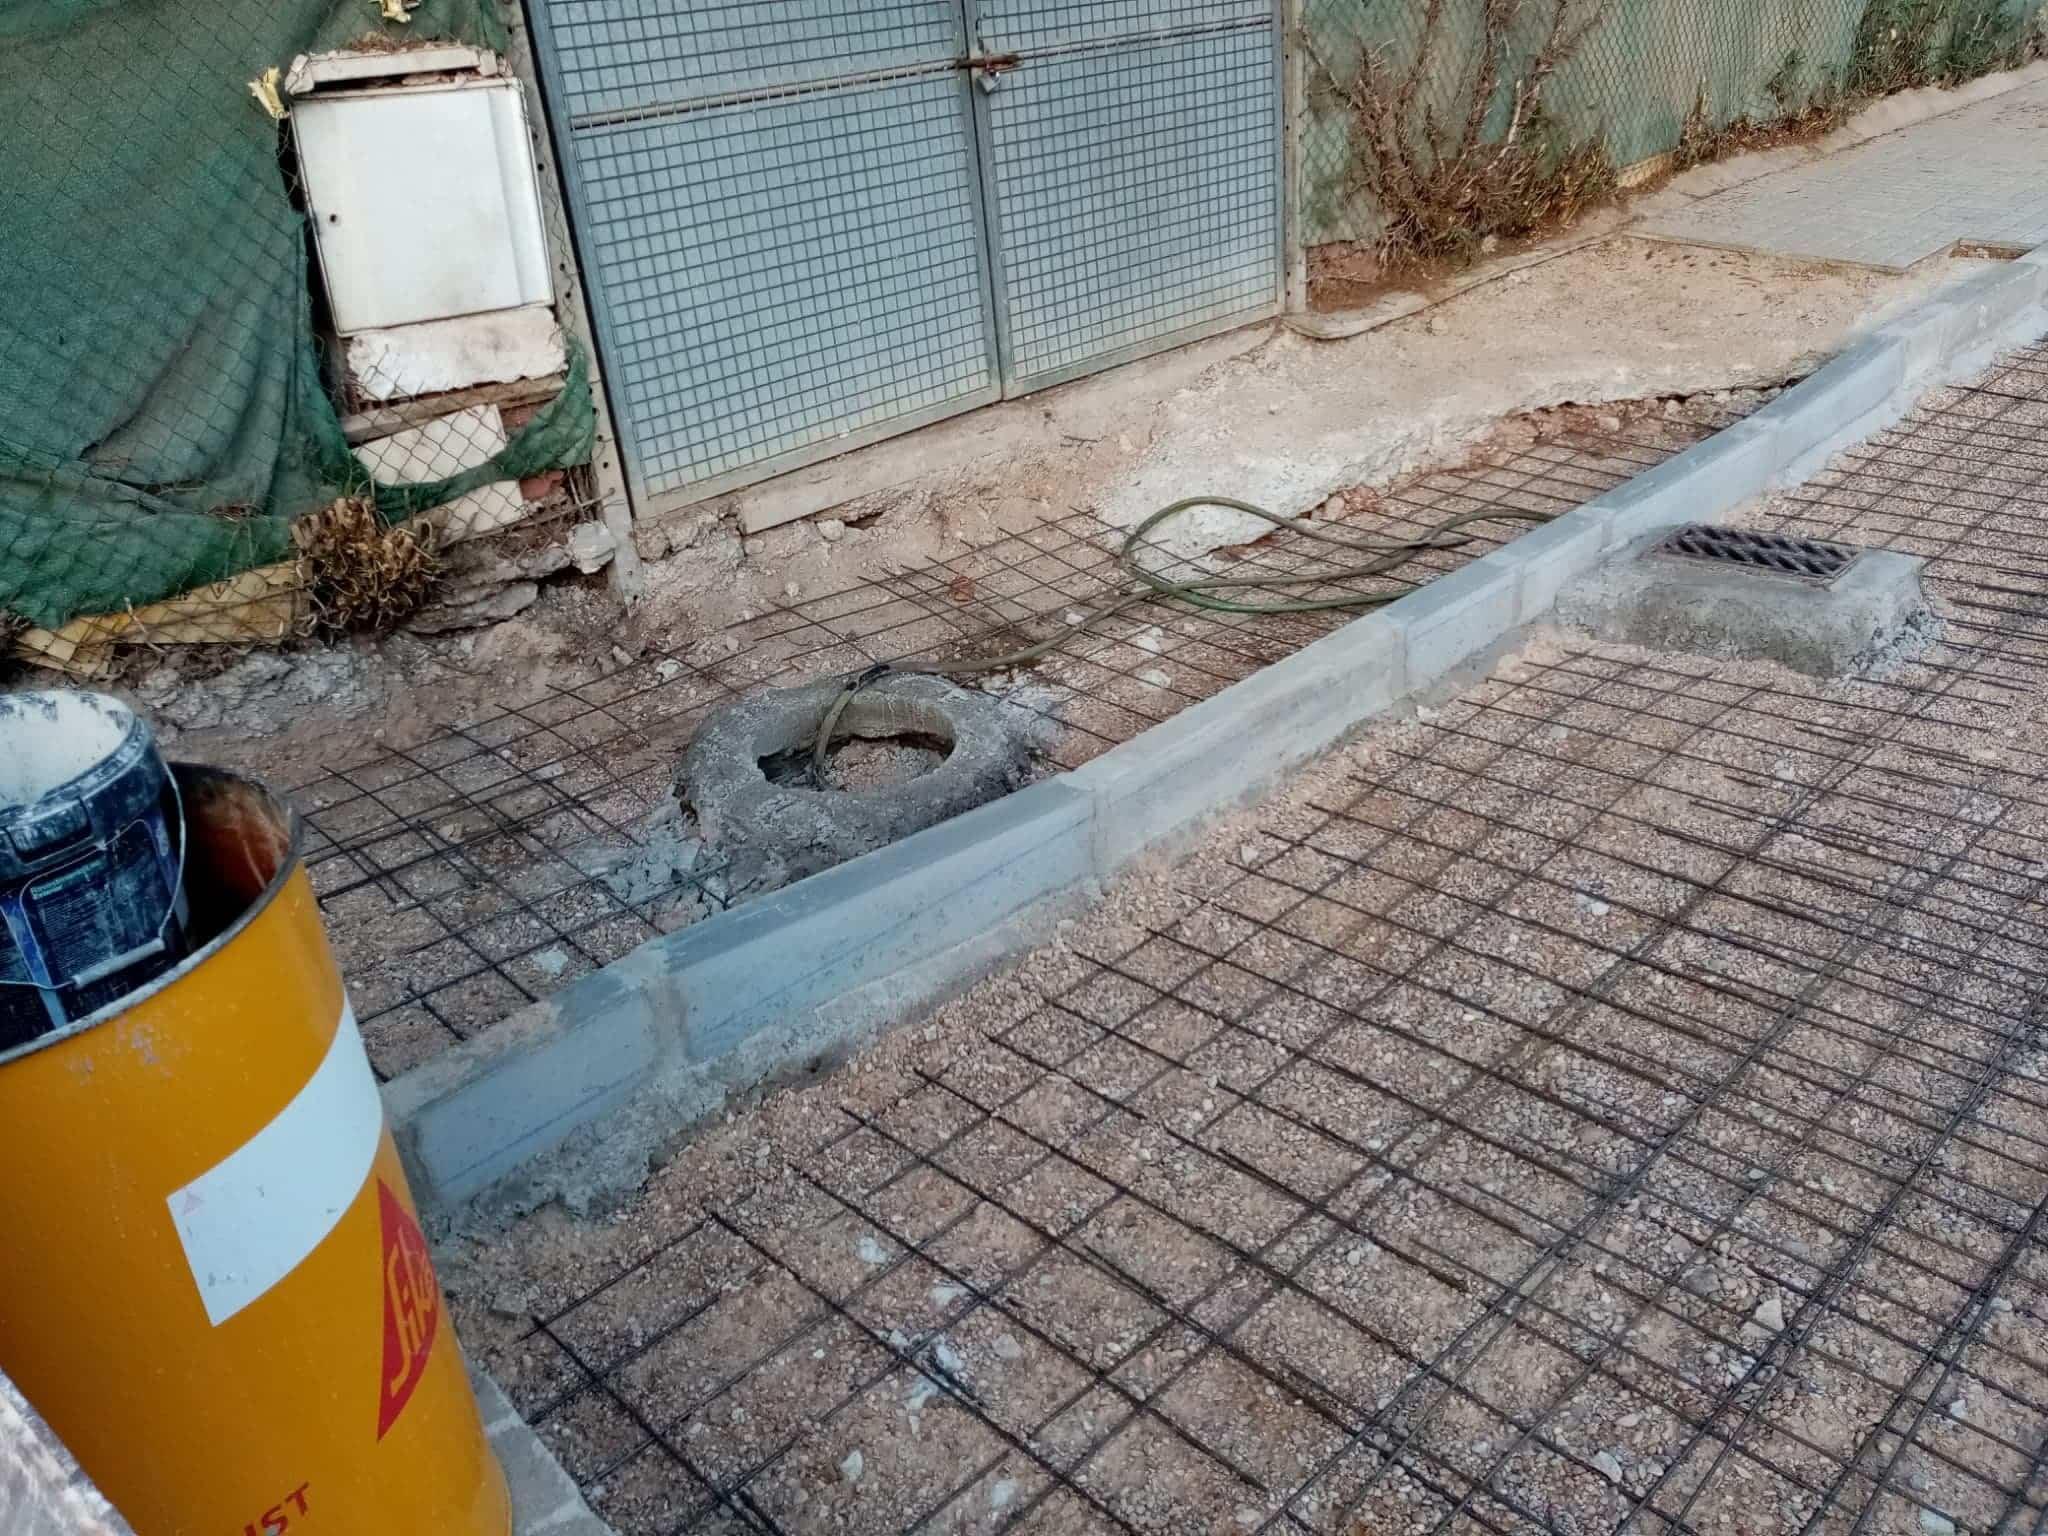 arreglo obras hundimiento herencia calles 2 - Arreglado el hundimiento de vía en el Barrio de San José